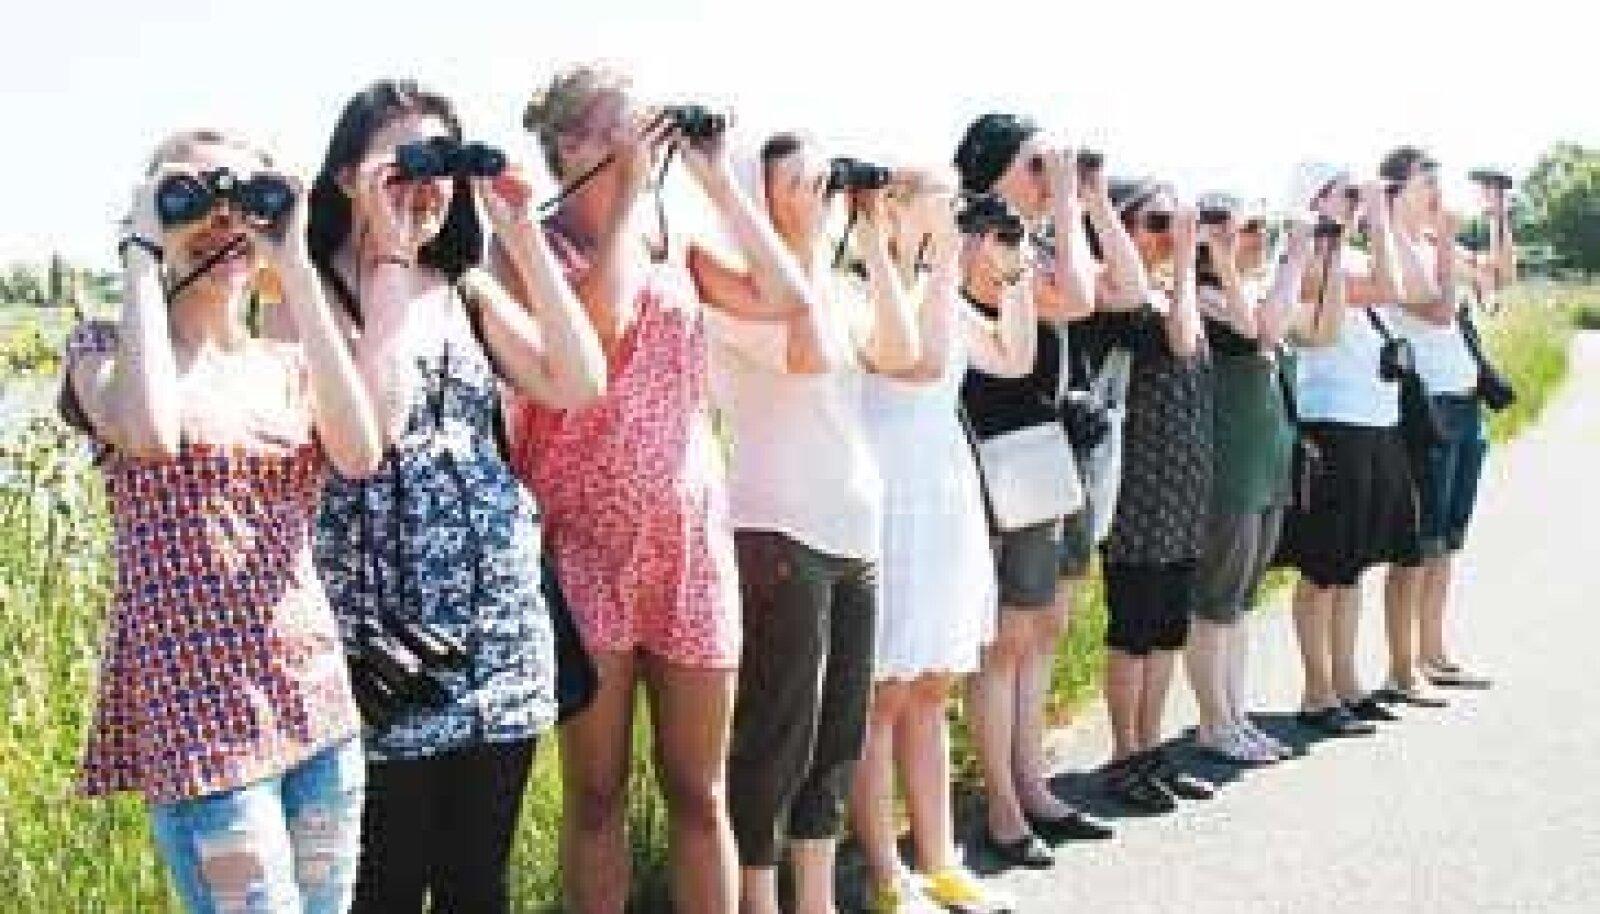 Projektis osalenud gümnaasiuminoored vaatavad Prantsusmaal tähtede poole.